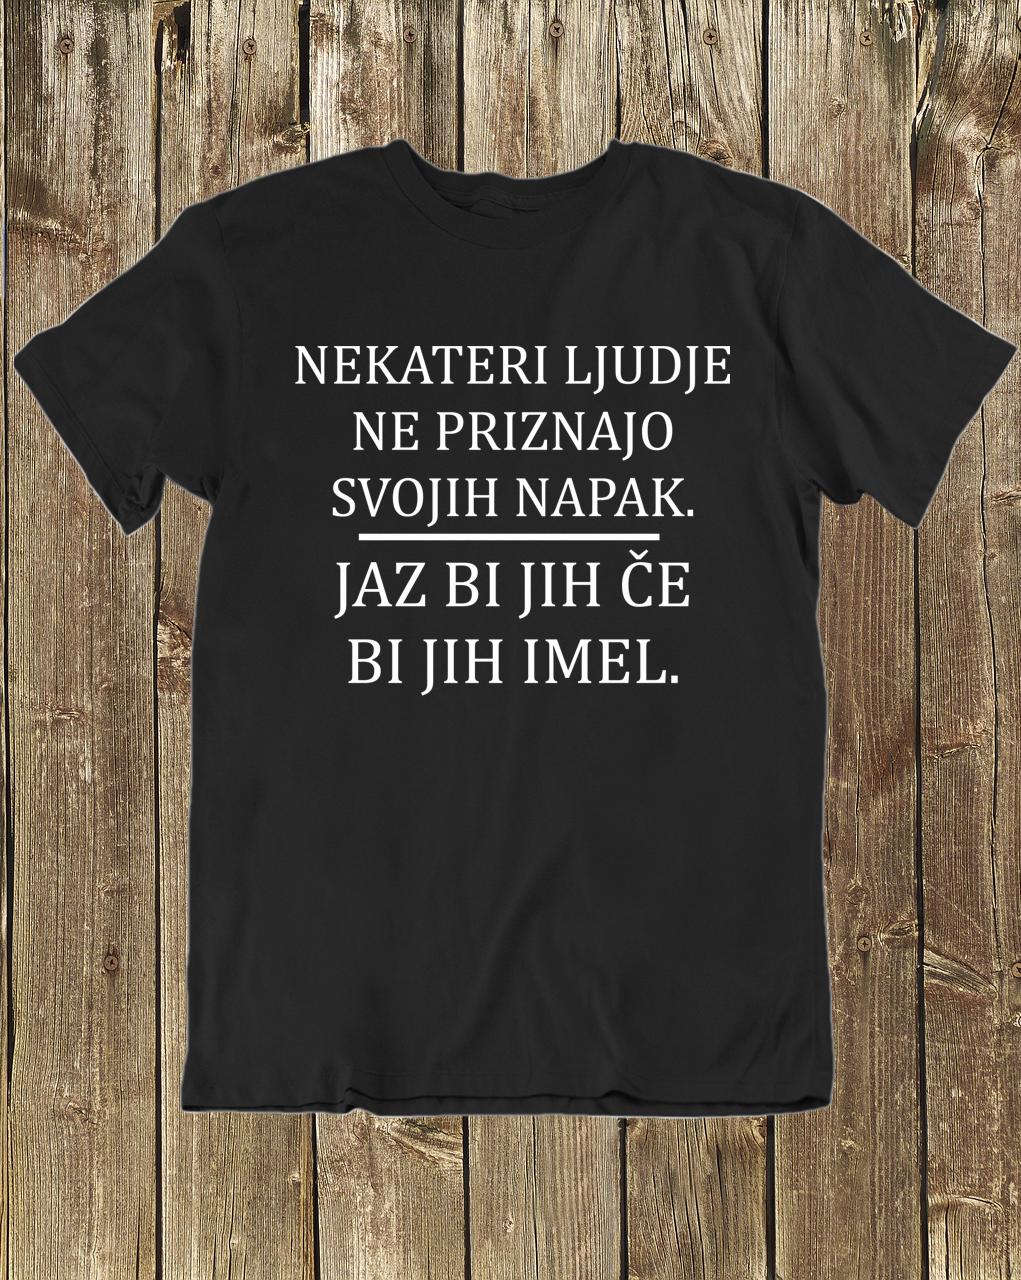 Smešna majica ne priznam napak!